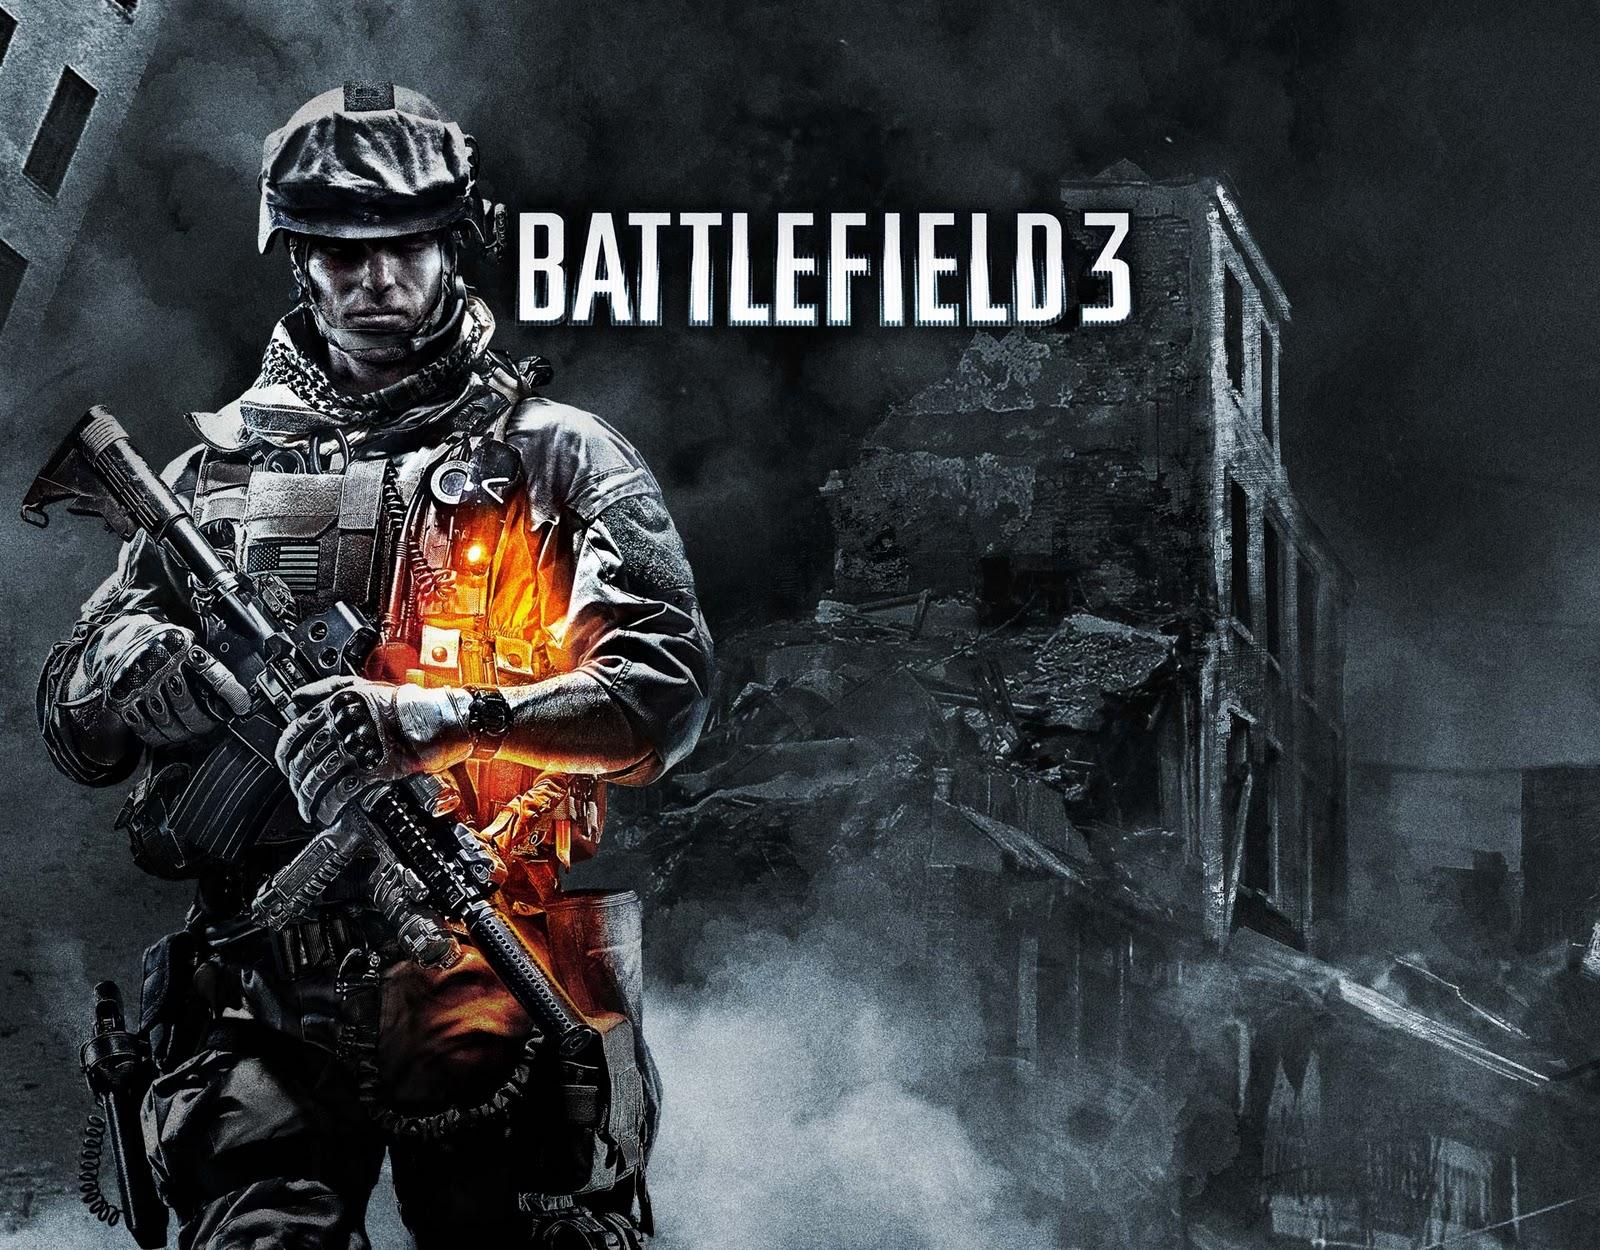 http://2.bp.blogspot.com/-0H4-k26l3h4/TvJyc68qxEI/AAAAAAAAEqo/Qg6OCFTOGuo/s1600/Battlefield-3-Wallpaper-image.jpg